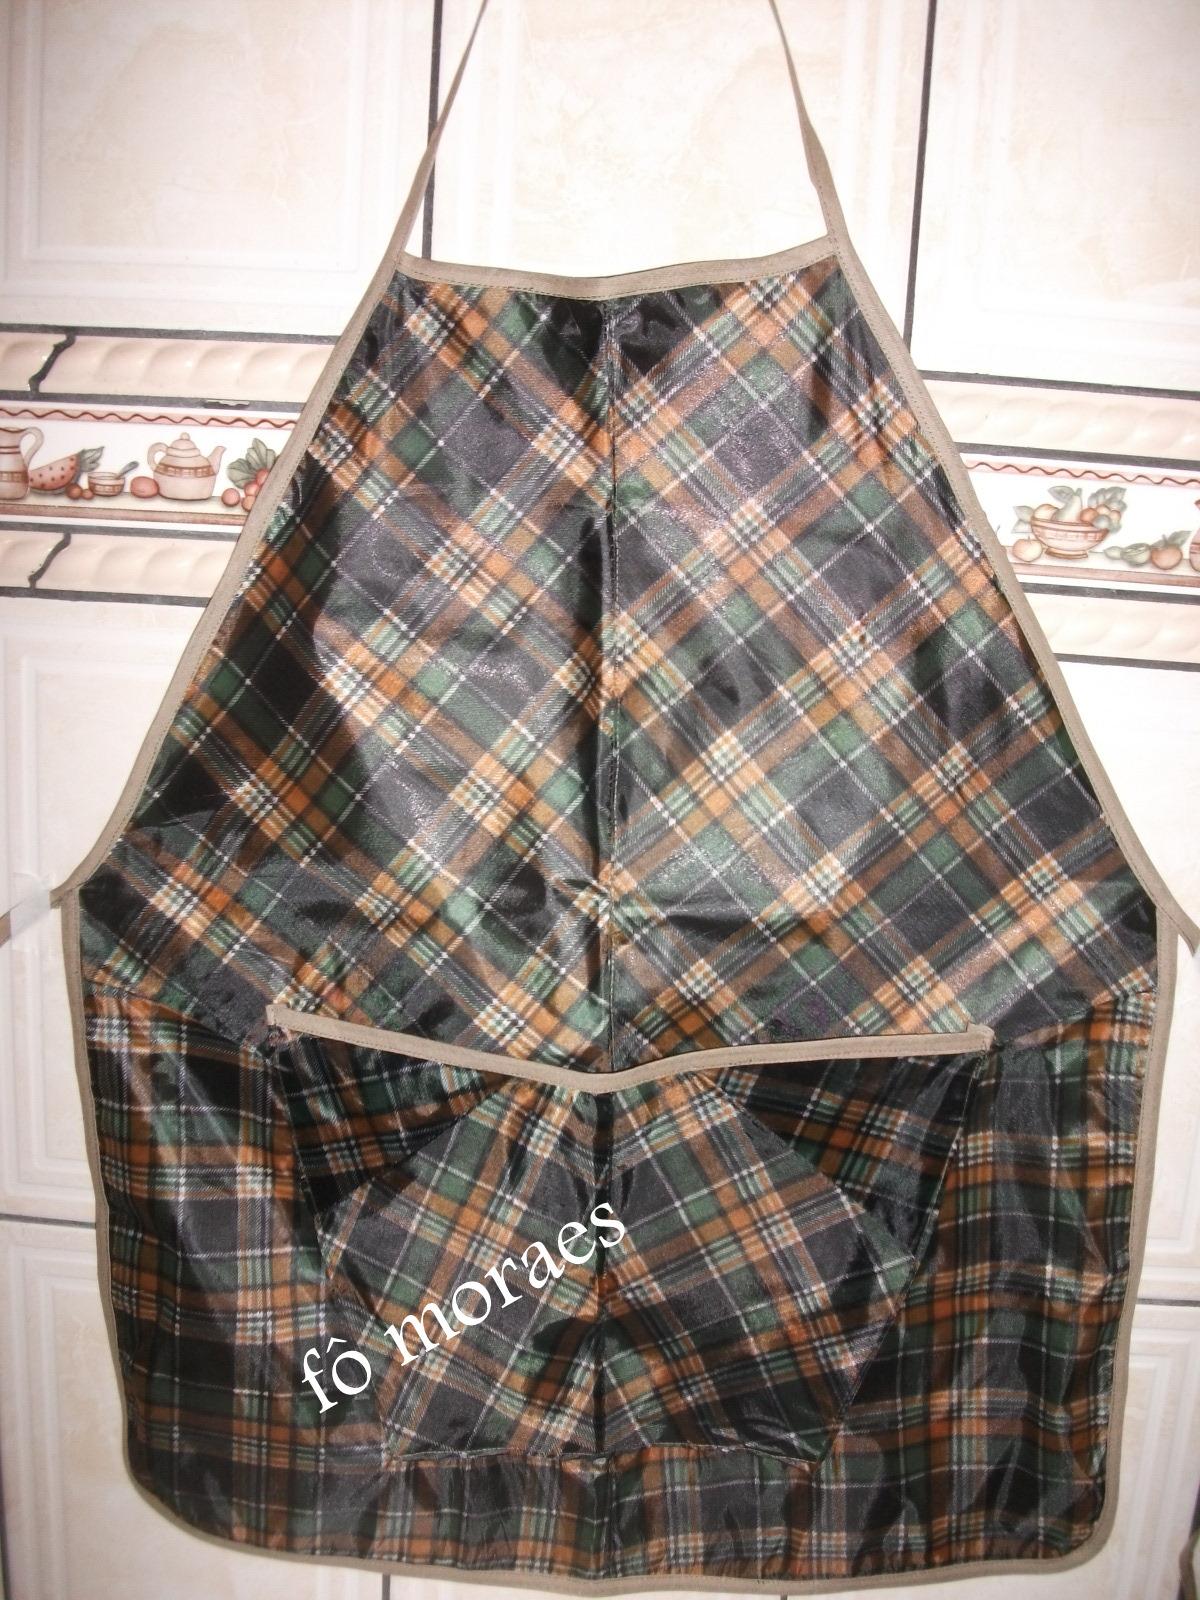 Bolsa De Tecido De Guarda Chuva Passo A Passo : Fomoraes artesanatos aventais feitos com tecido de sombrinhas